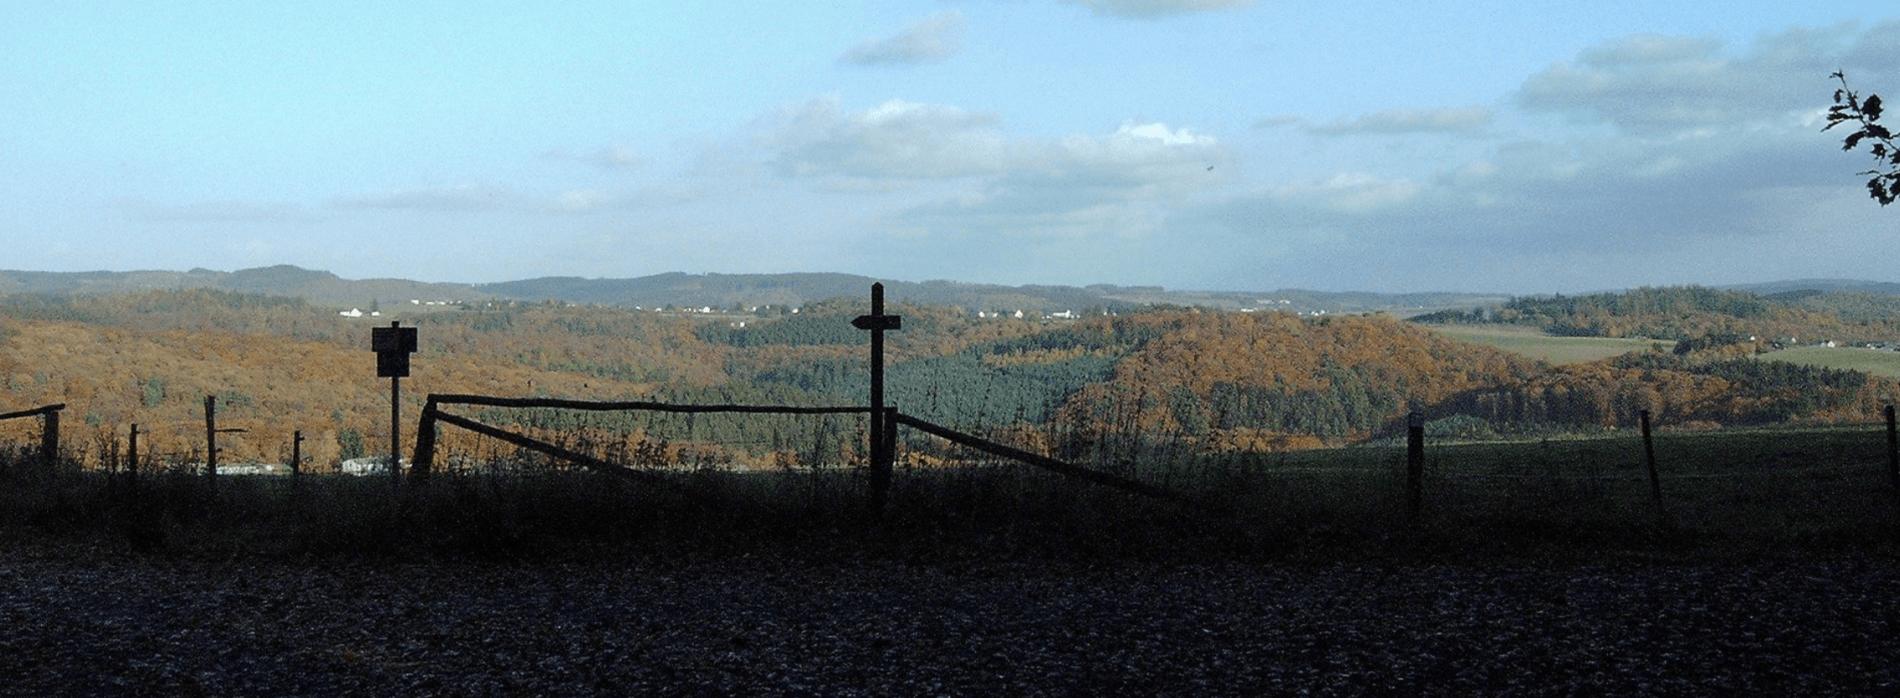 Des Jägers Recht: Schadensersatz und Minderungsanspruch im eigenen Revier